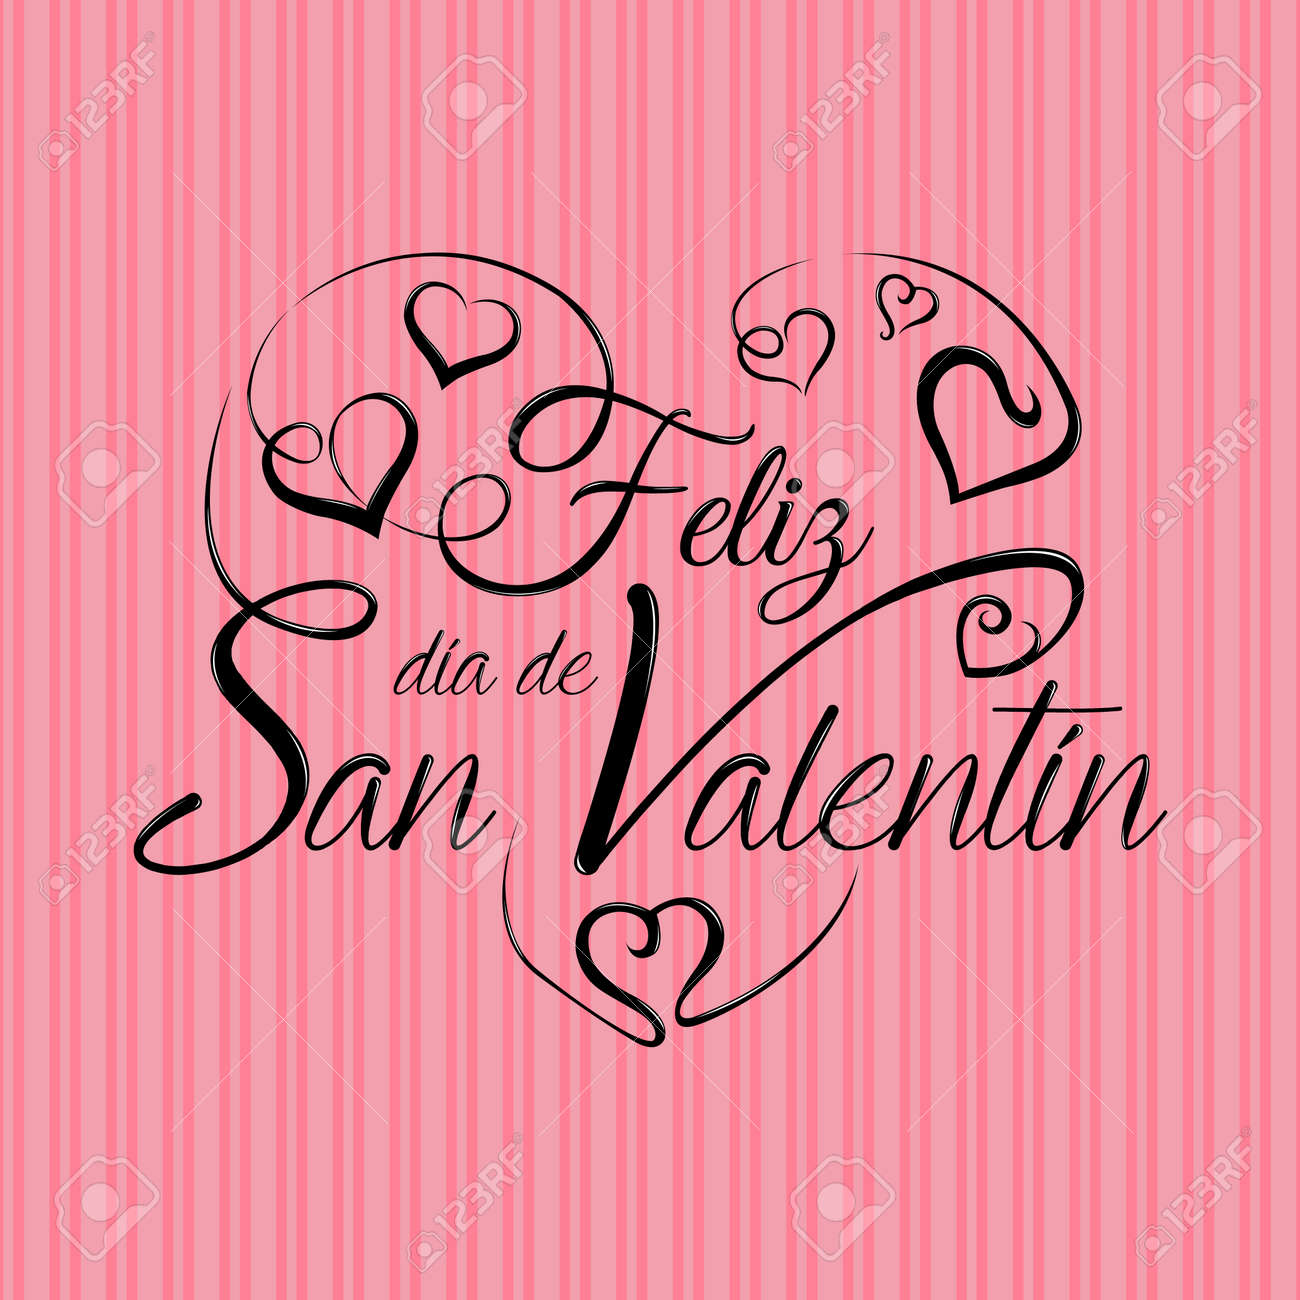 Lettering Feliz Dia De San Valentin Happy Valentines Day In